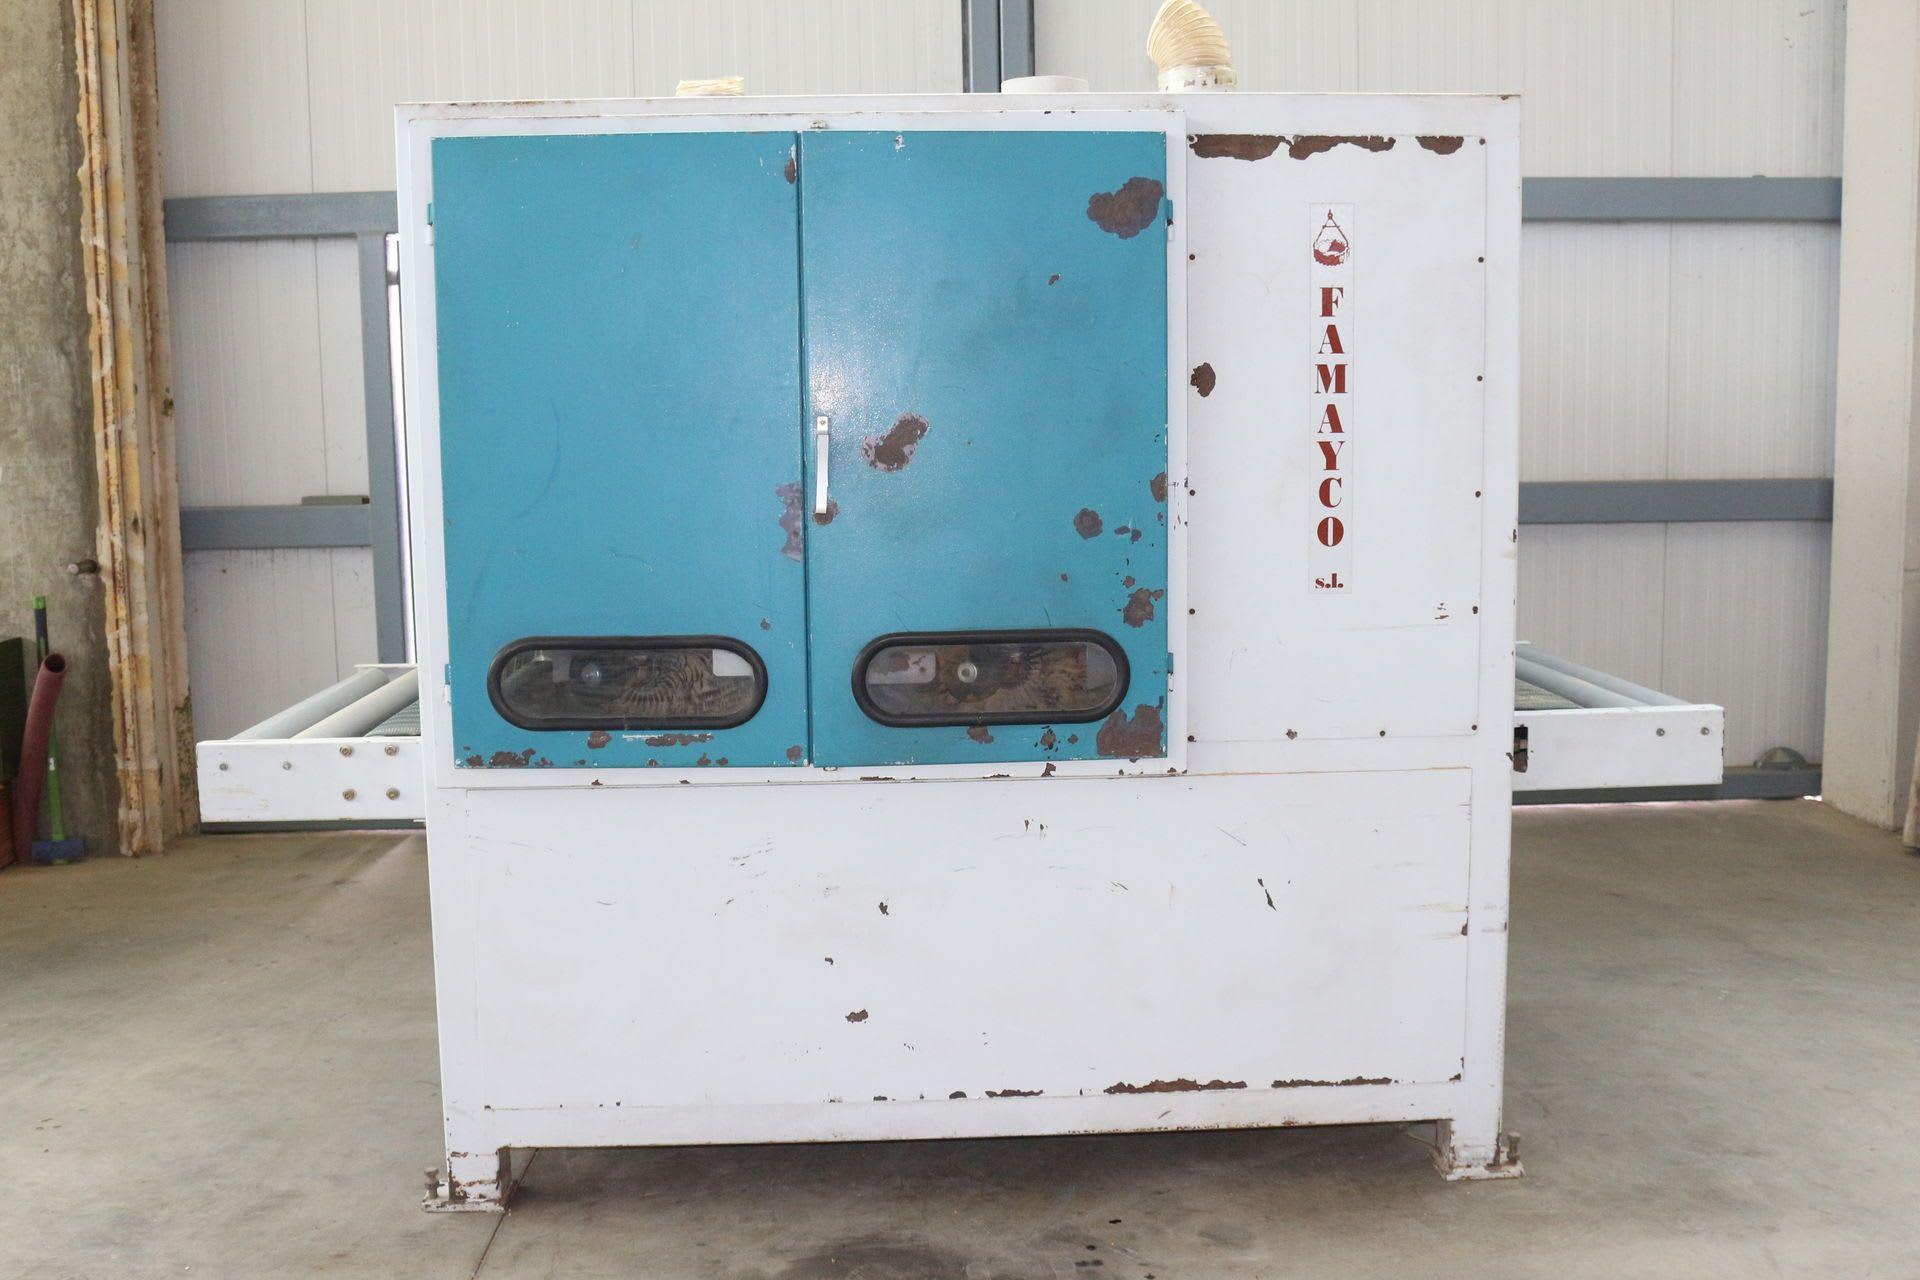 FAMAYCO 2 GS 1000 Bürstenschleifmaschine